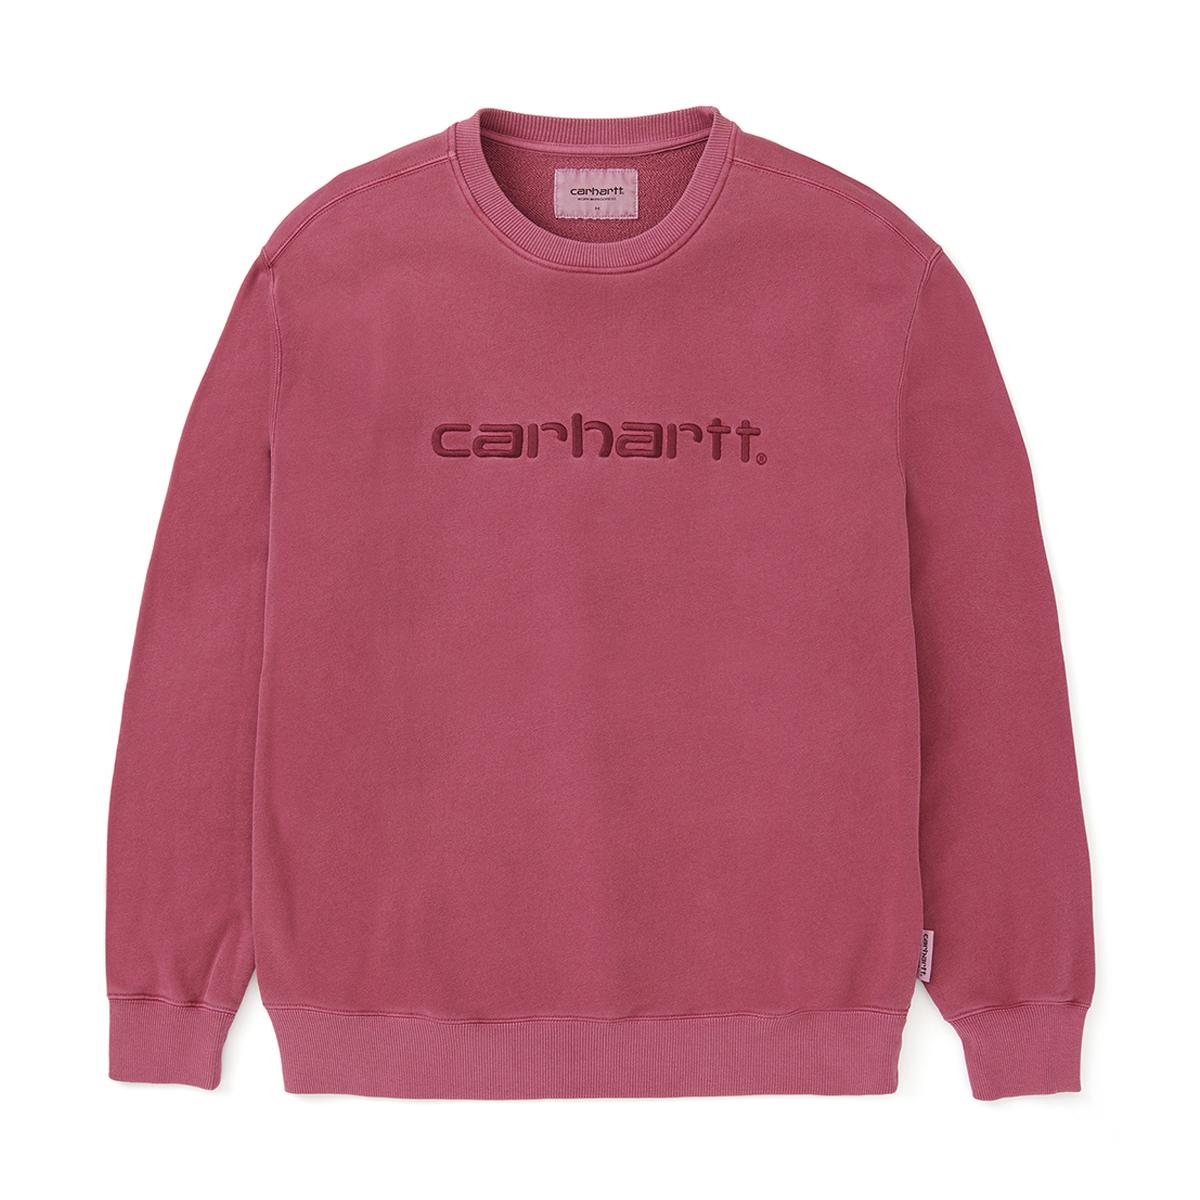 Carhartt Sweat (PD)